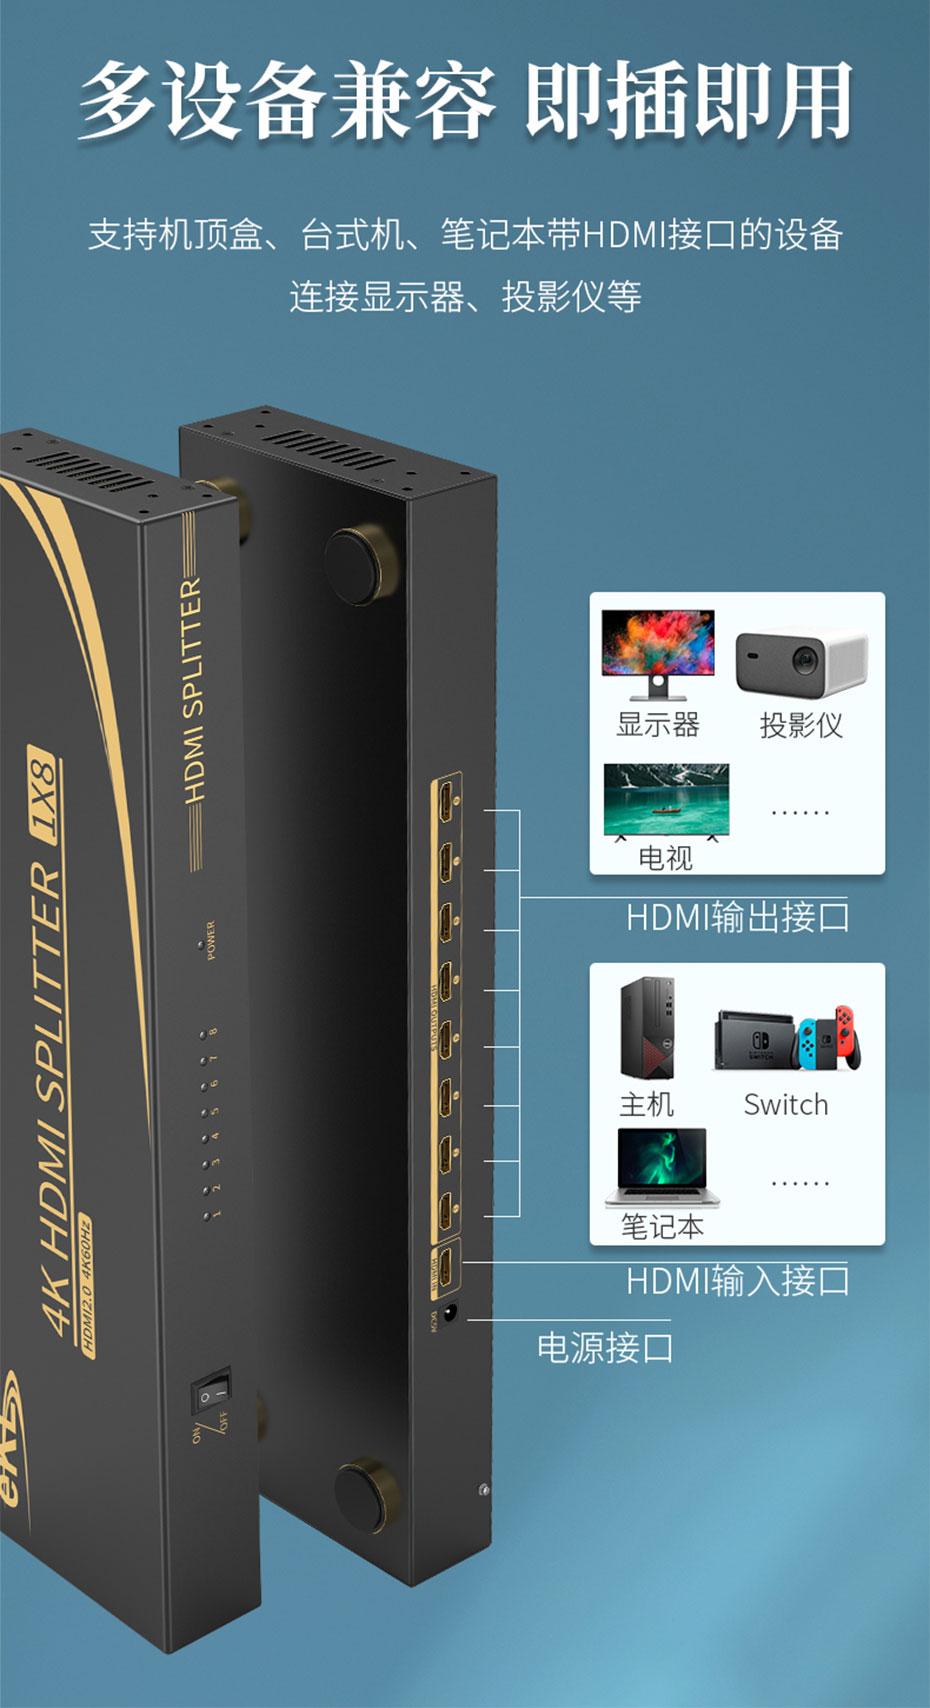 HDMI2.0分配器8路UH08R兼容多种HDMI接口设备